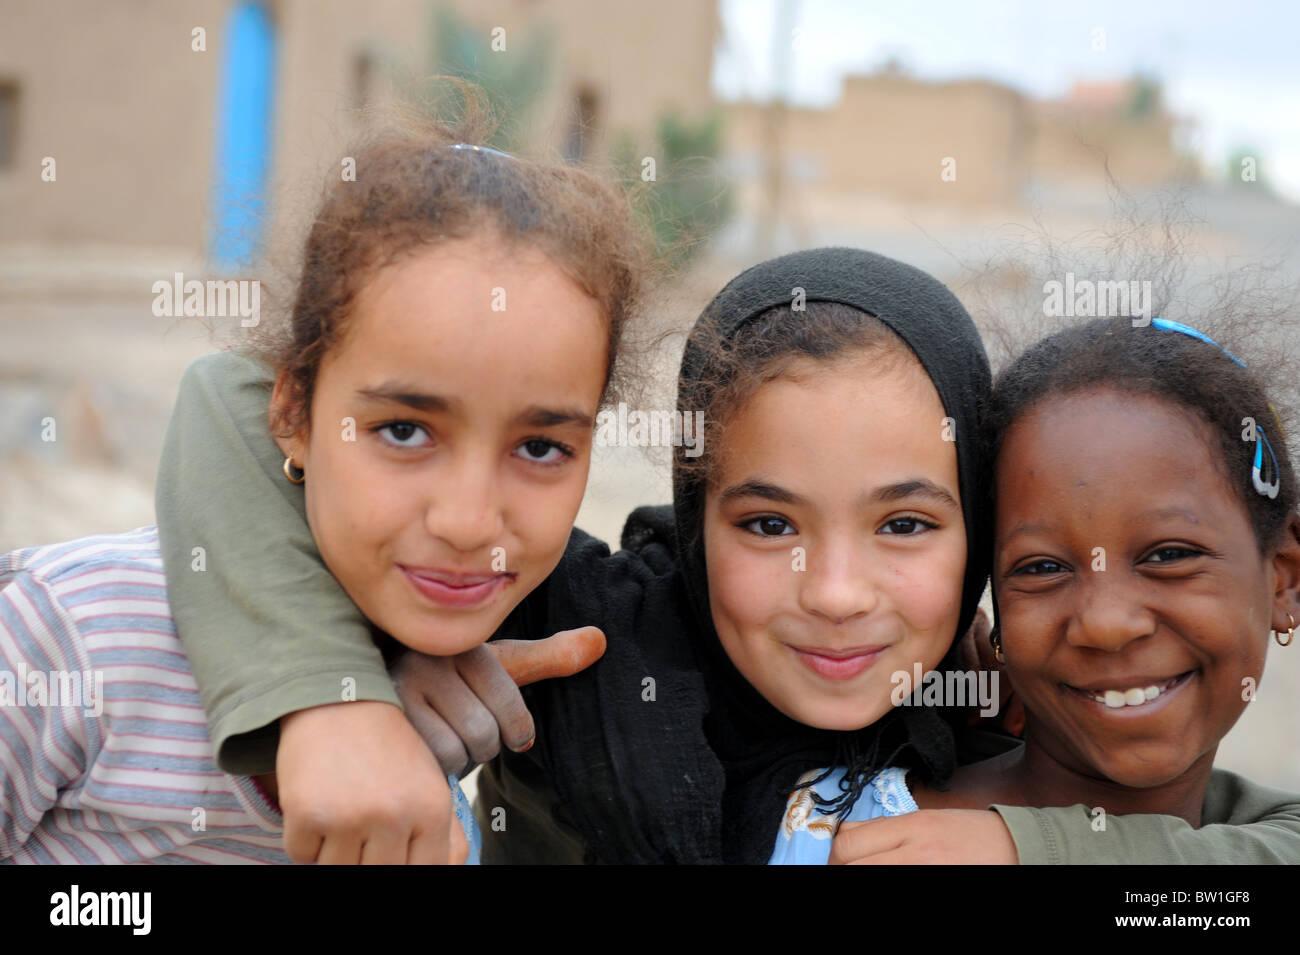 Tres niñas 9-10 años sonriendo ante la cámara. Khemliya Village, en el sur de Marruecos. Imagen De Stock